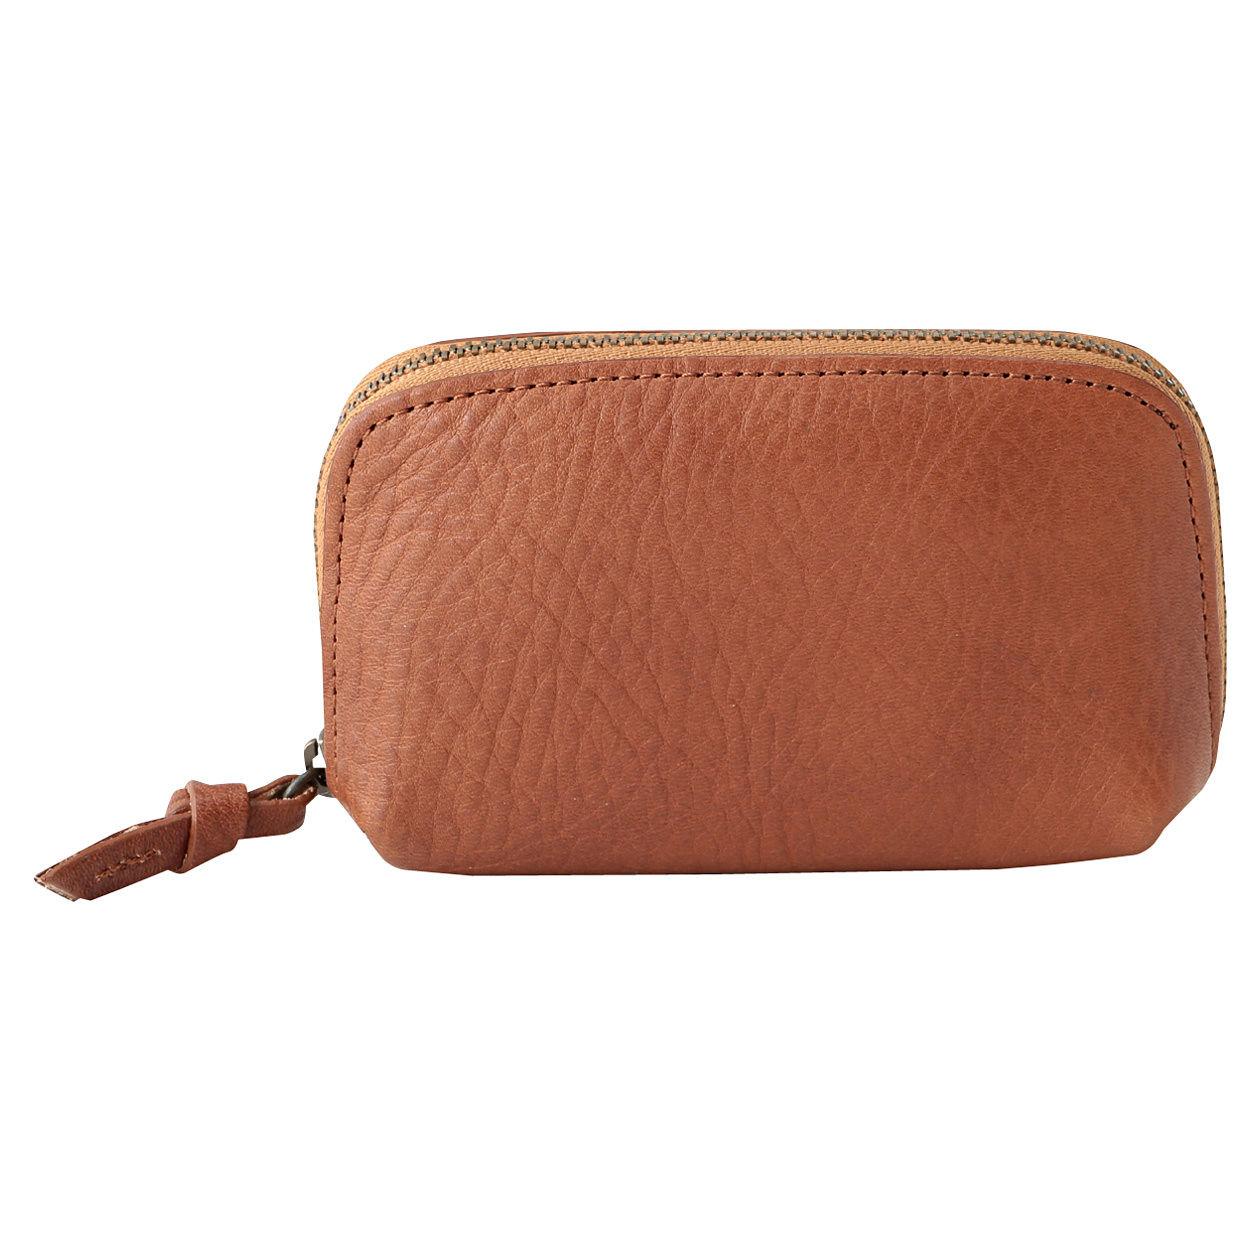 新品未使用 無印良品 イタリア産ヌメ革コインポケット付二つ折り財布 生成